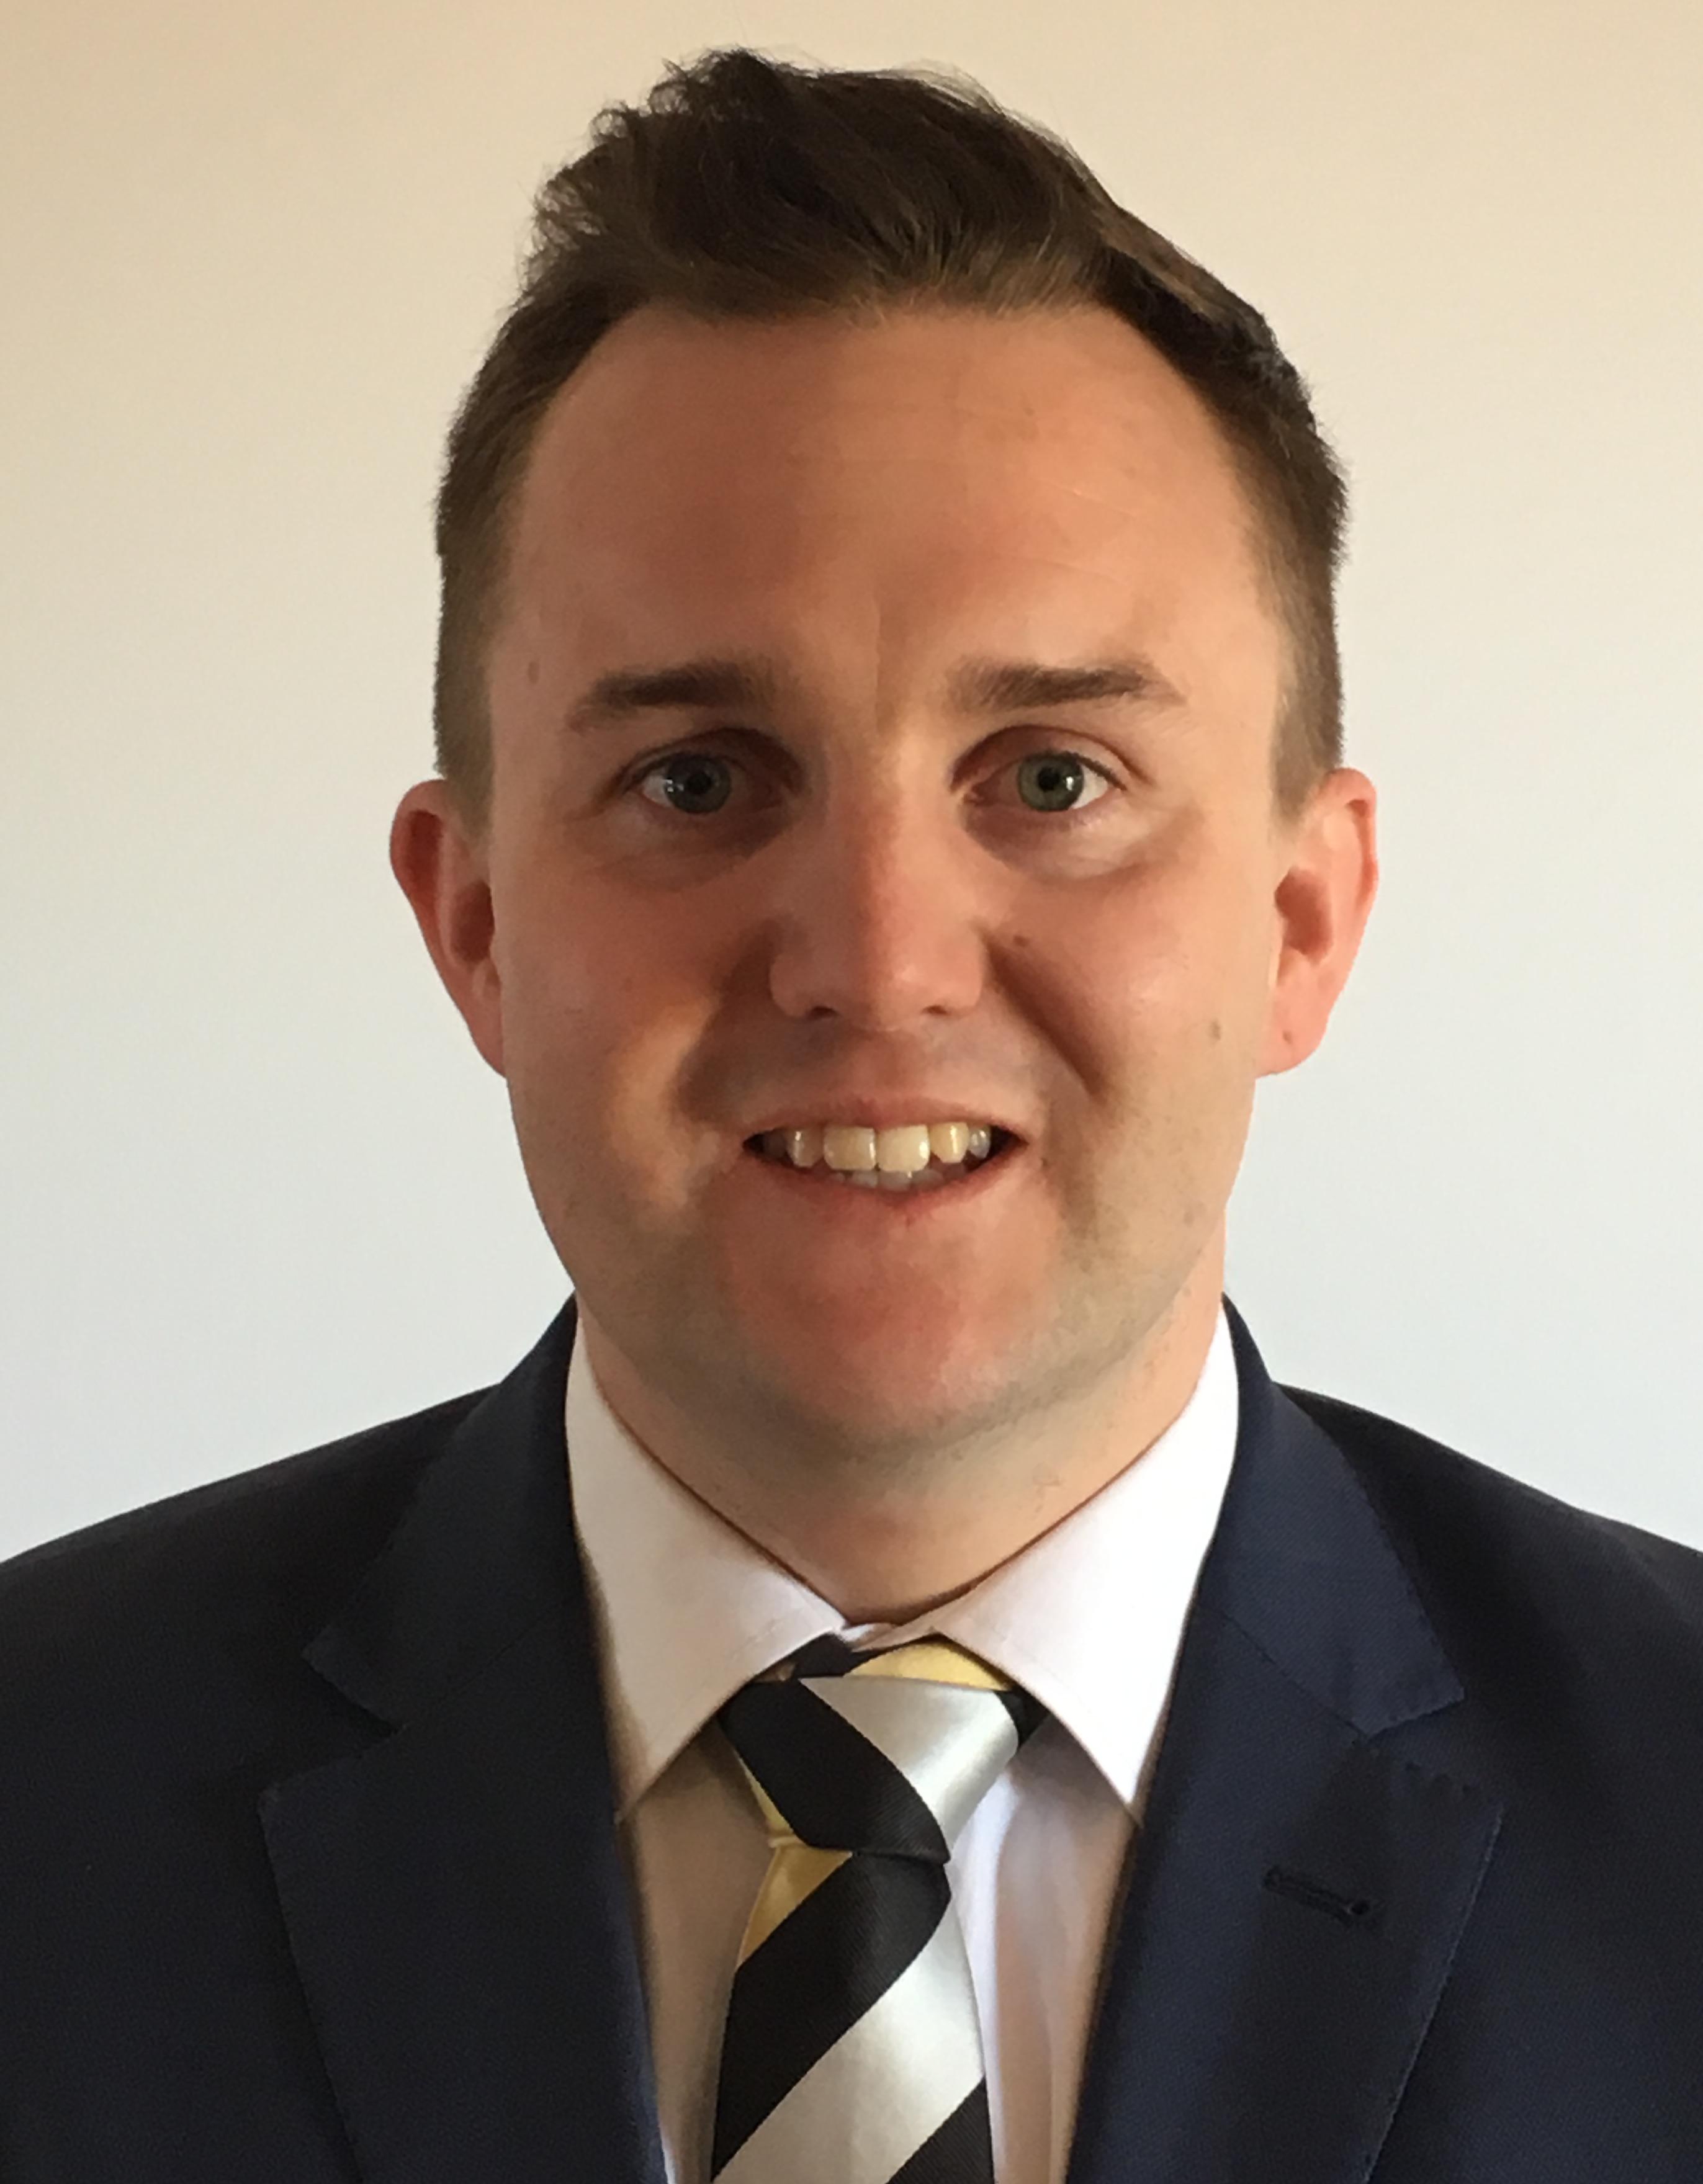 Joshua Trevitt, JT Home Loans